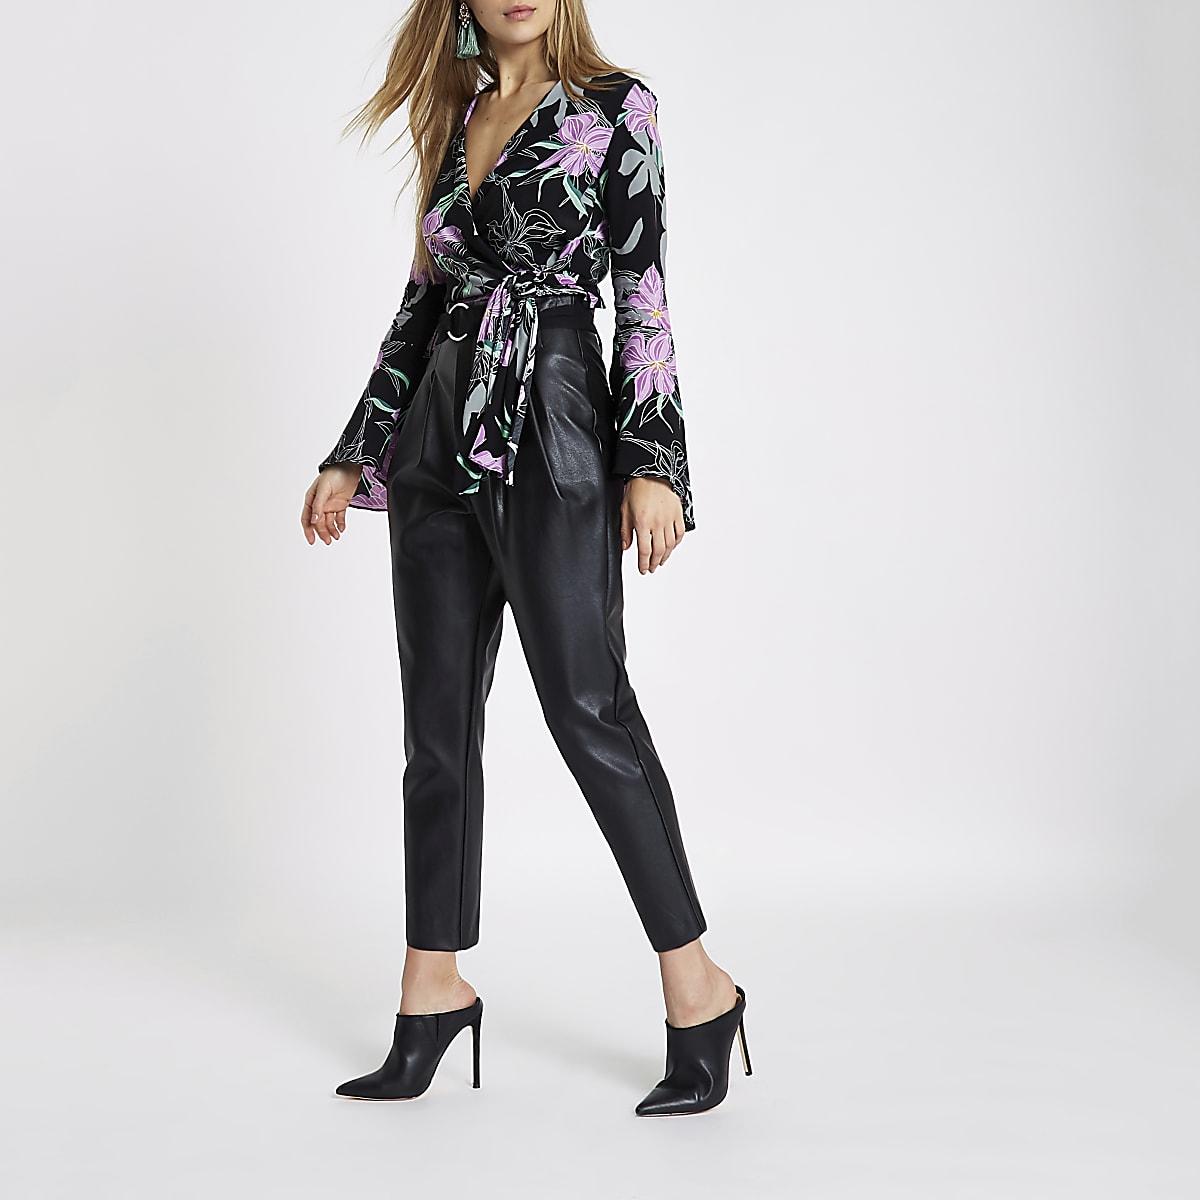 c953444c91ee0 Black floral wrap bell sleeve crop top - Crop Tops   Bralets - Tops ...